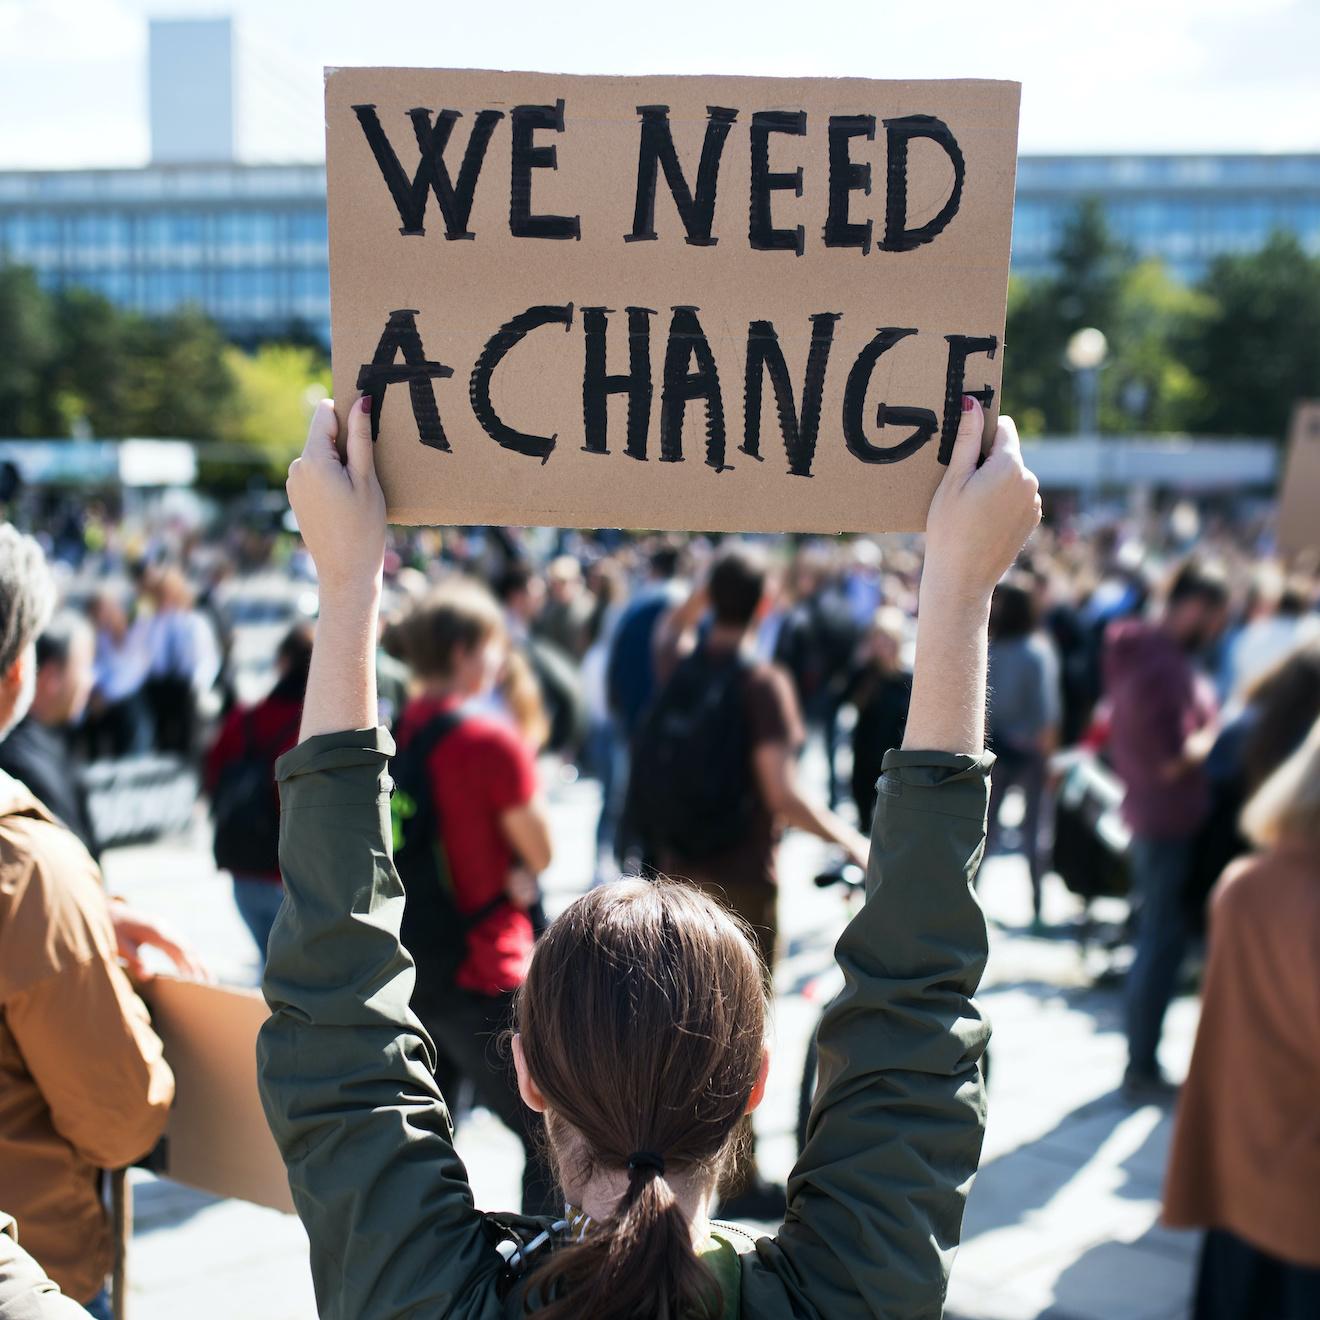 We need change phooto